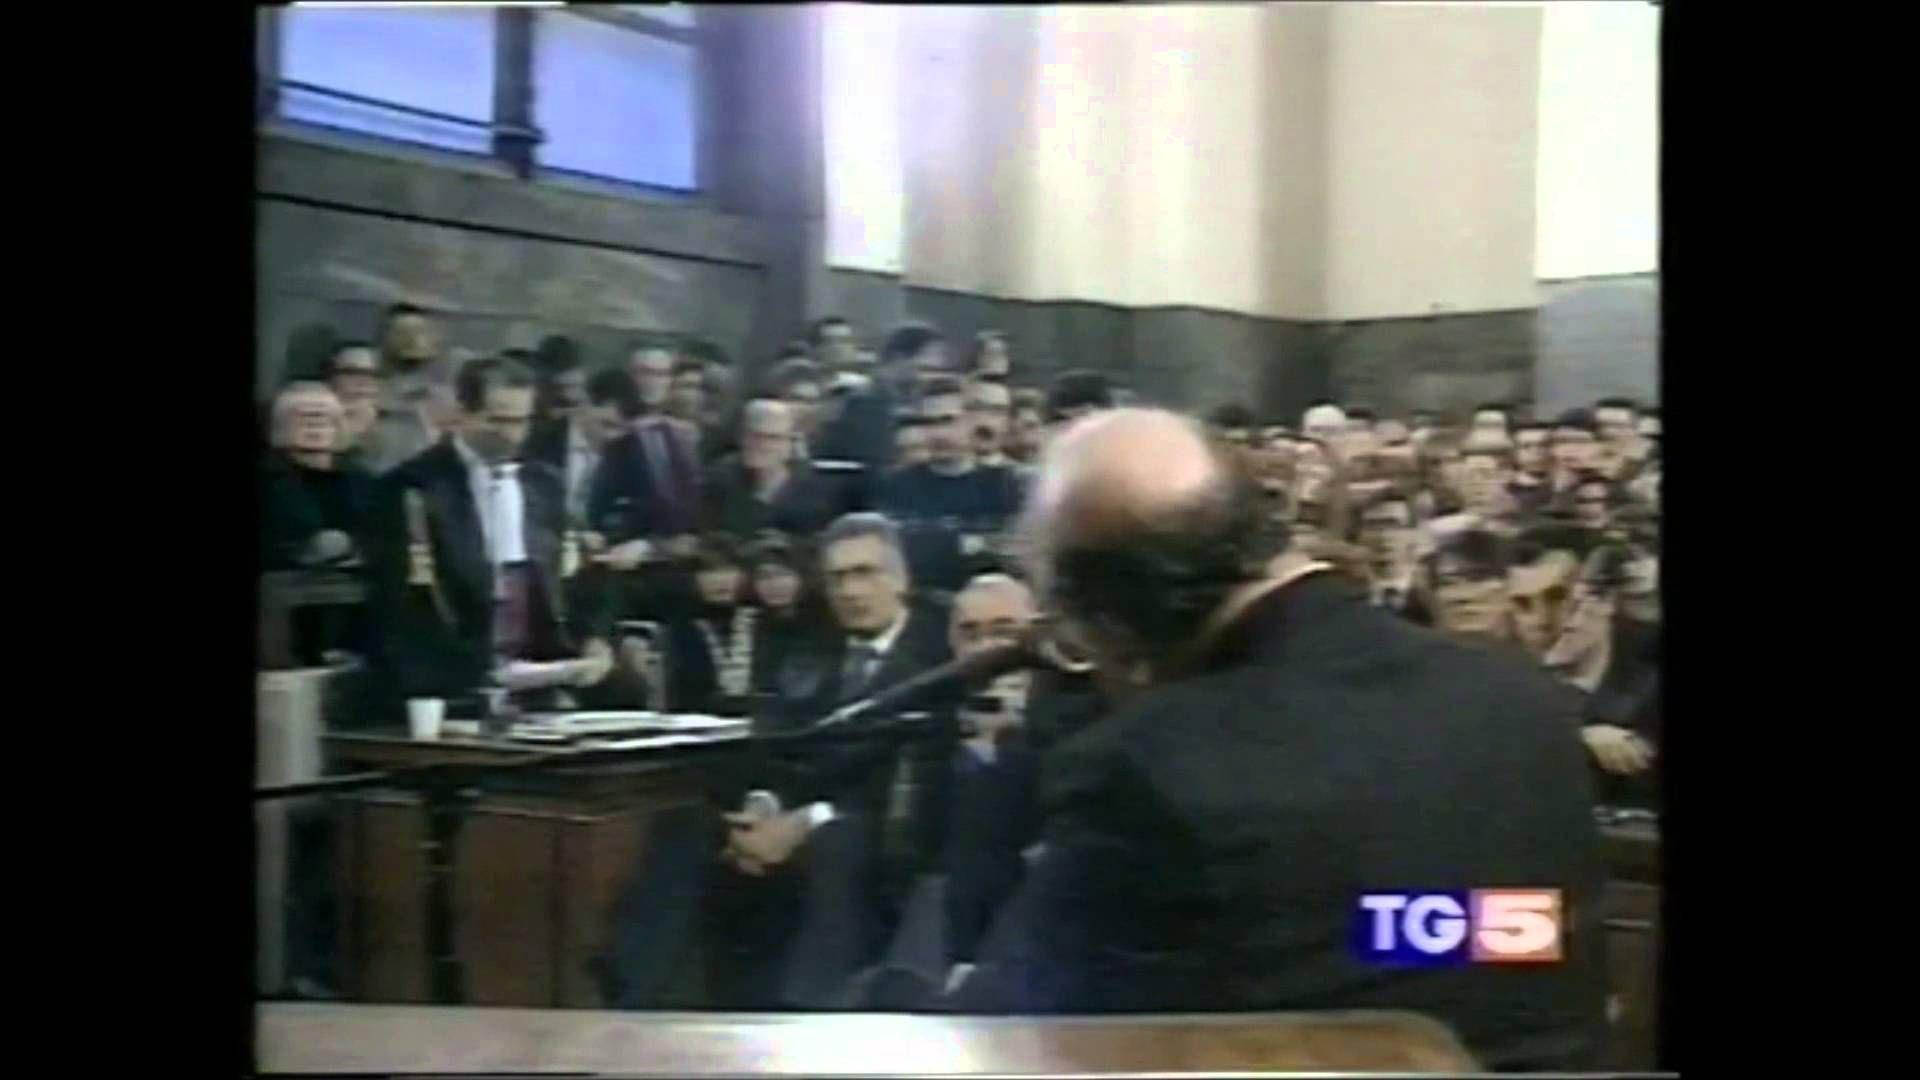 Bettino Craxi come non lo avete MAI ascoltato, MAI!